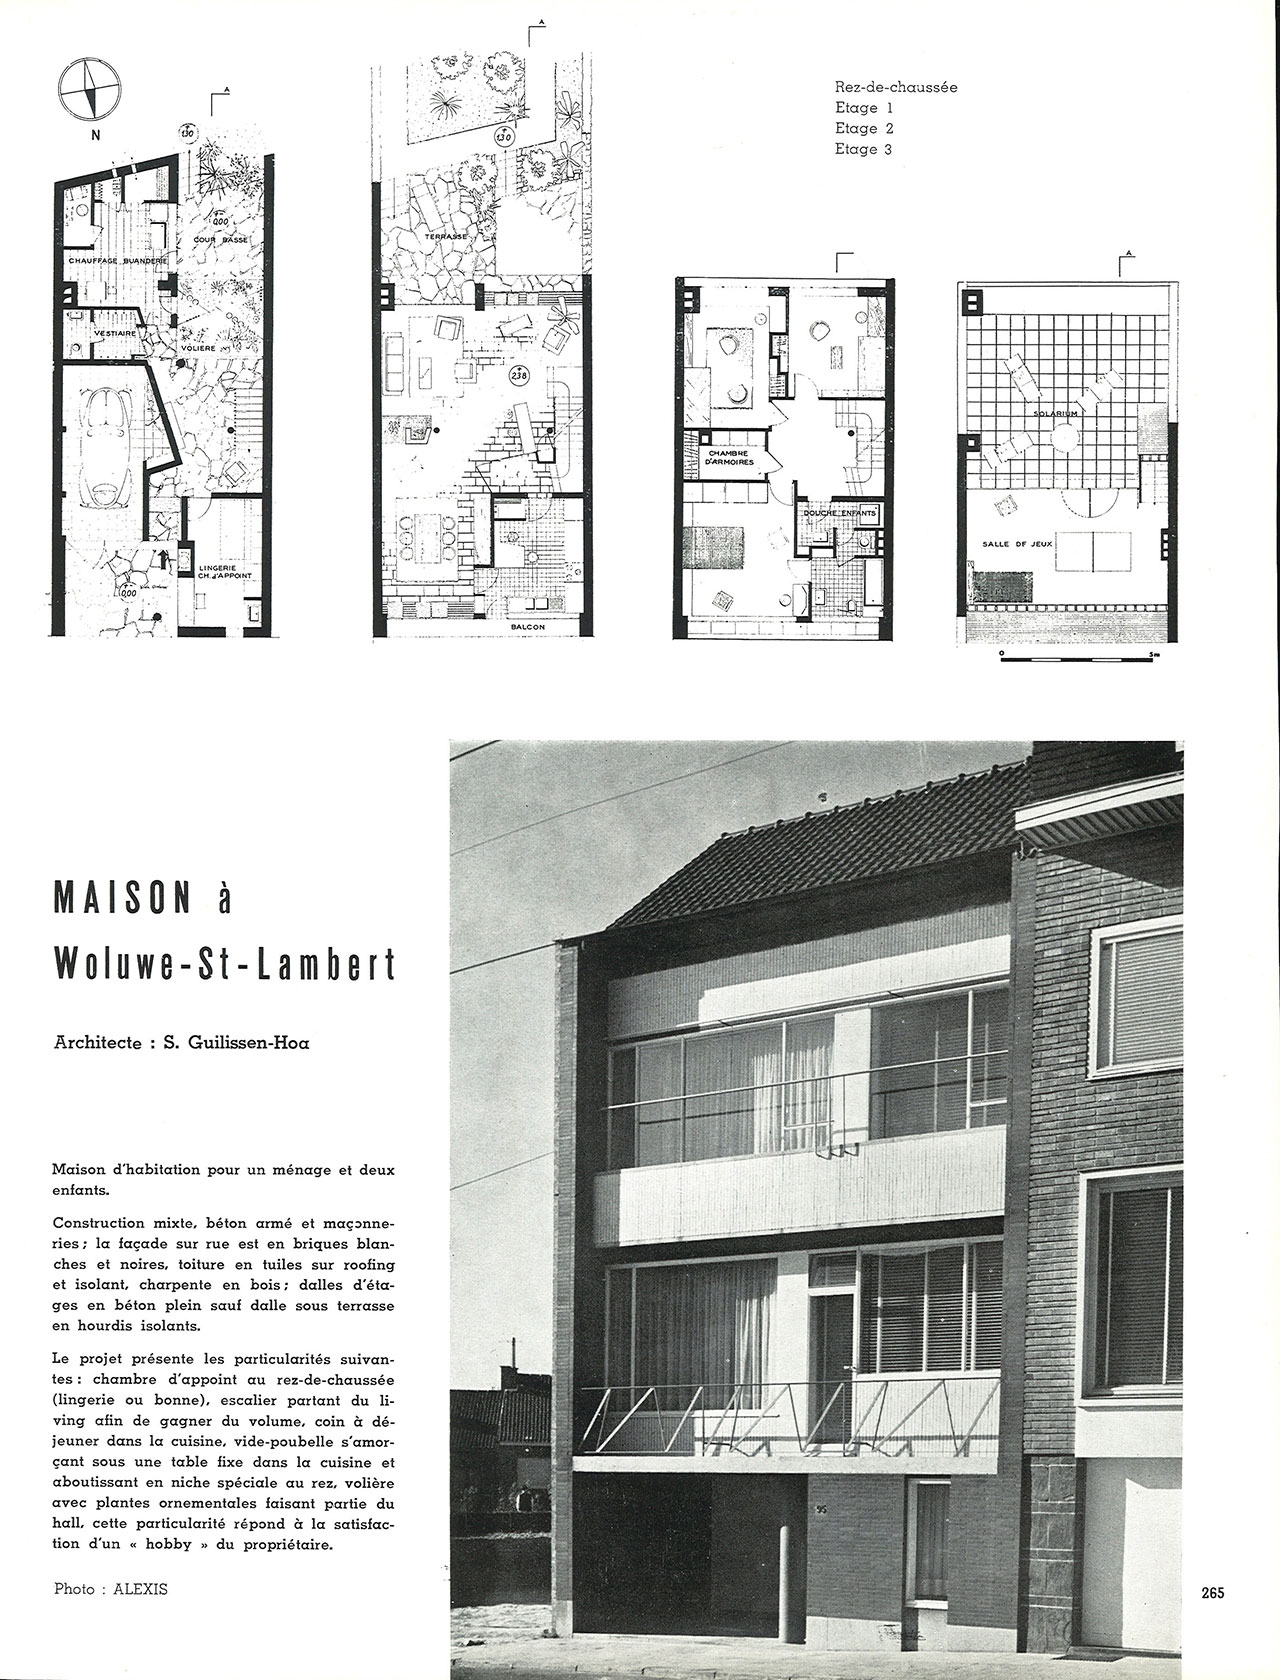 Maison à Woluwe-St-Lambert